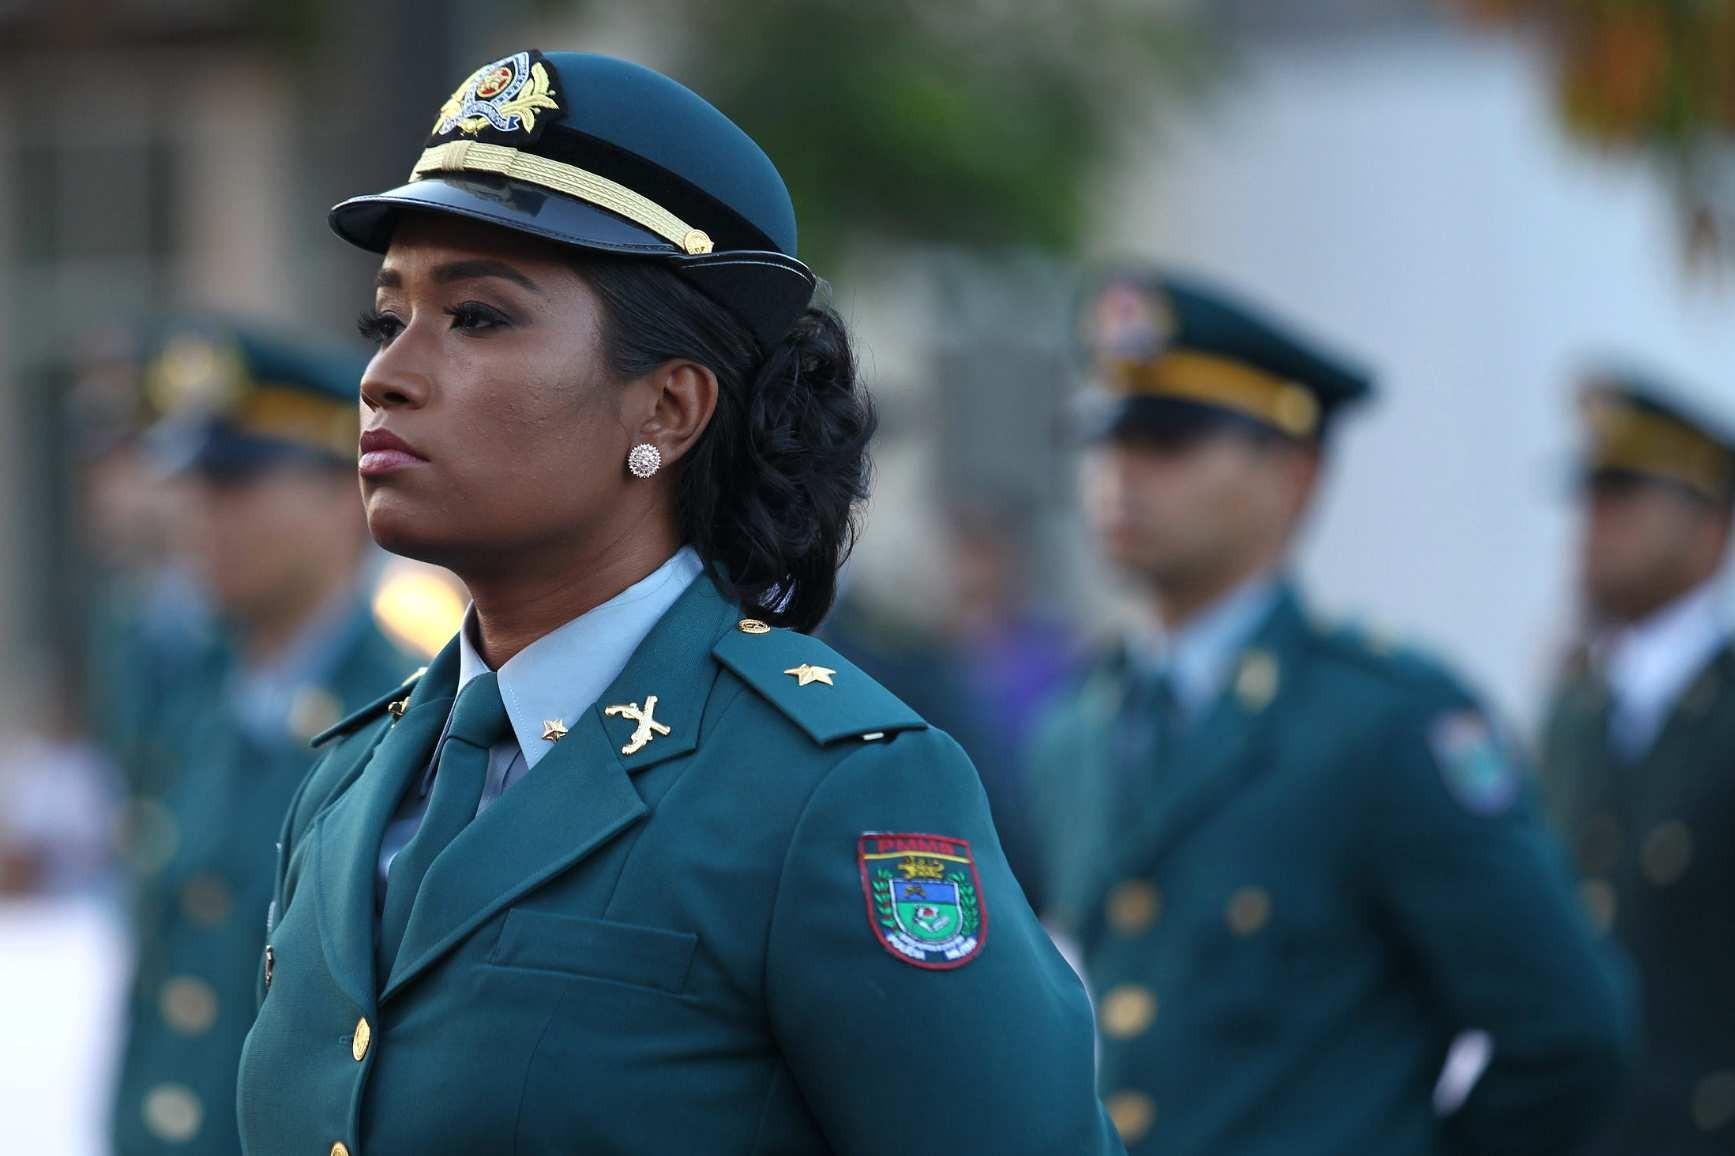 Governo da Bahia publica resultado da prova de títulos para oficial de saúde da Polícia Militar